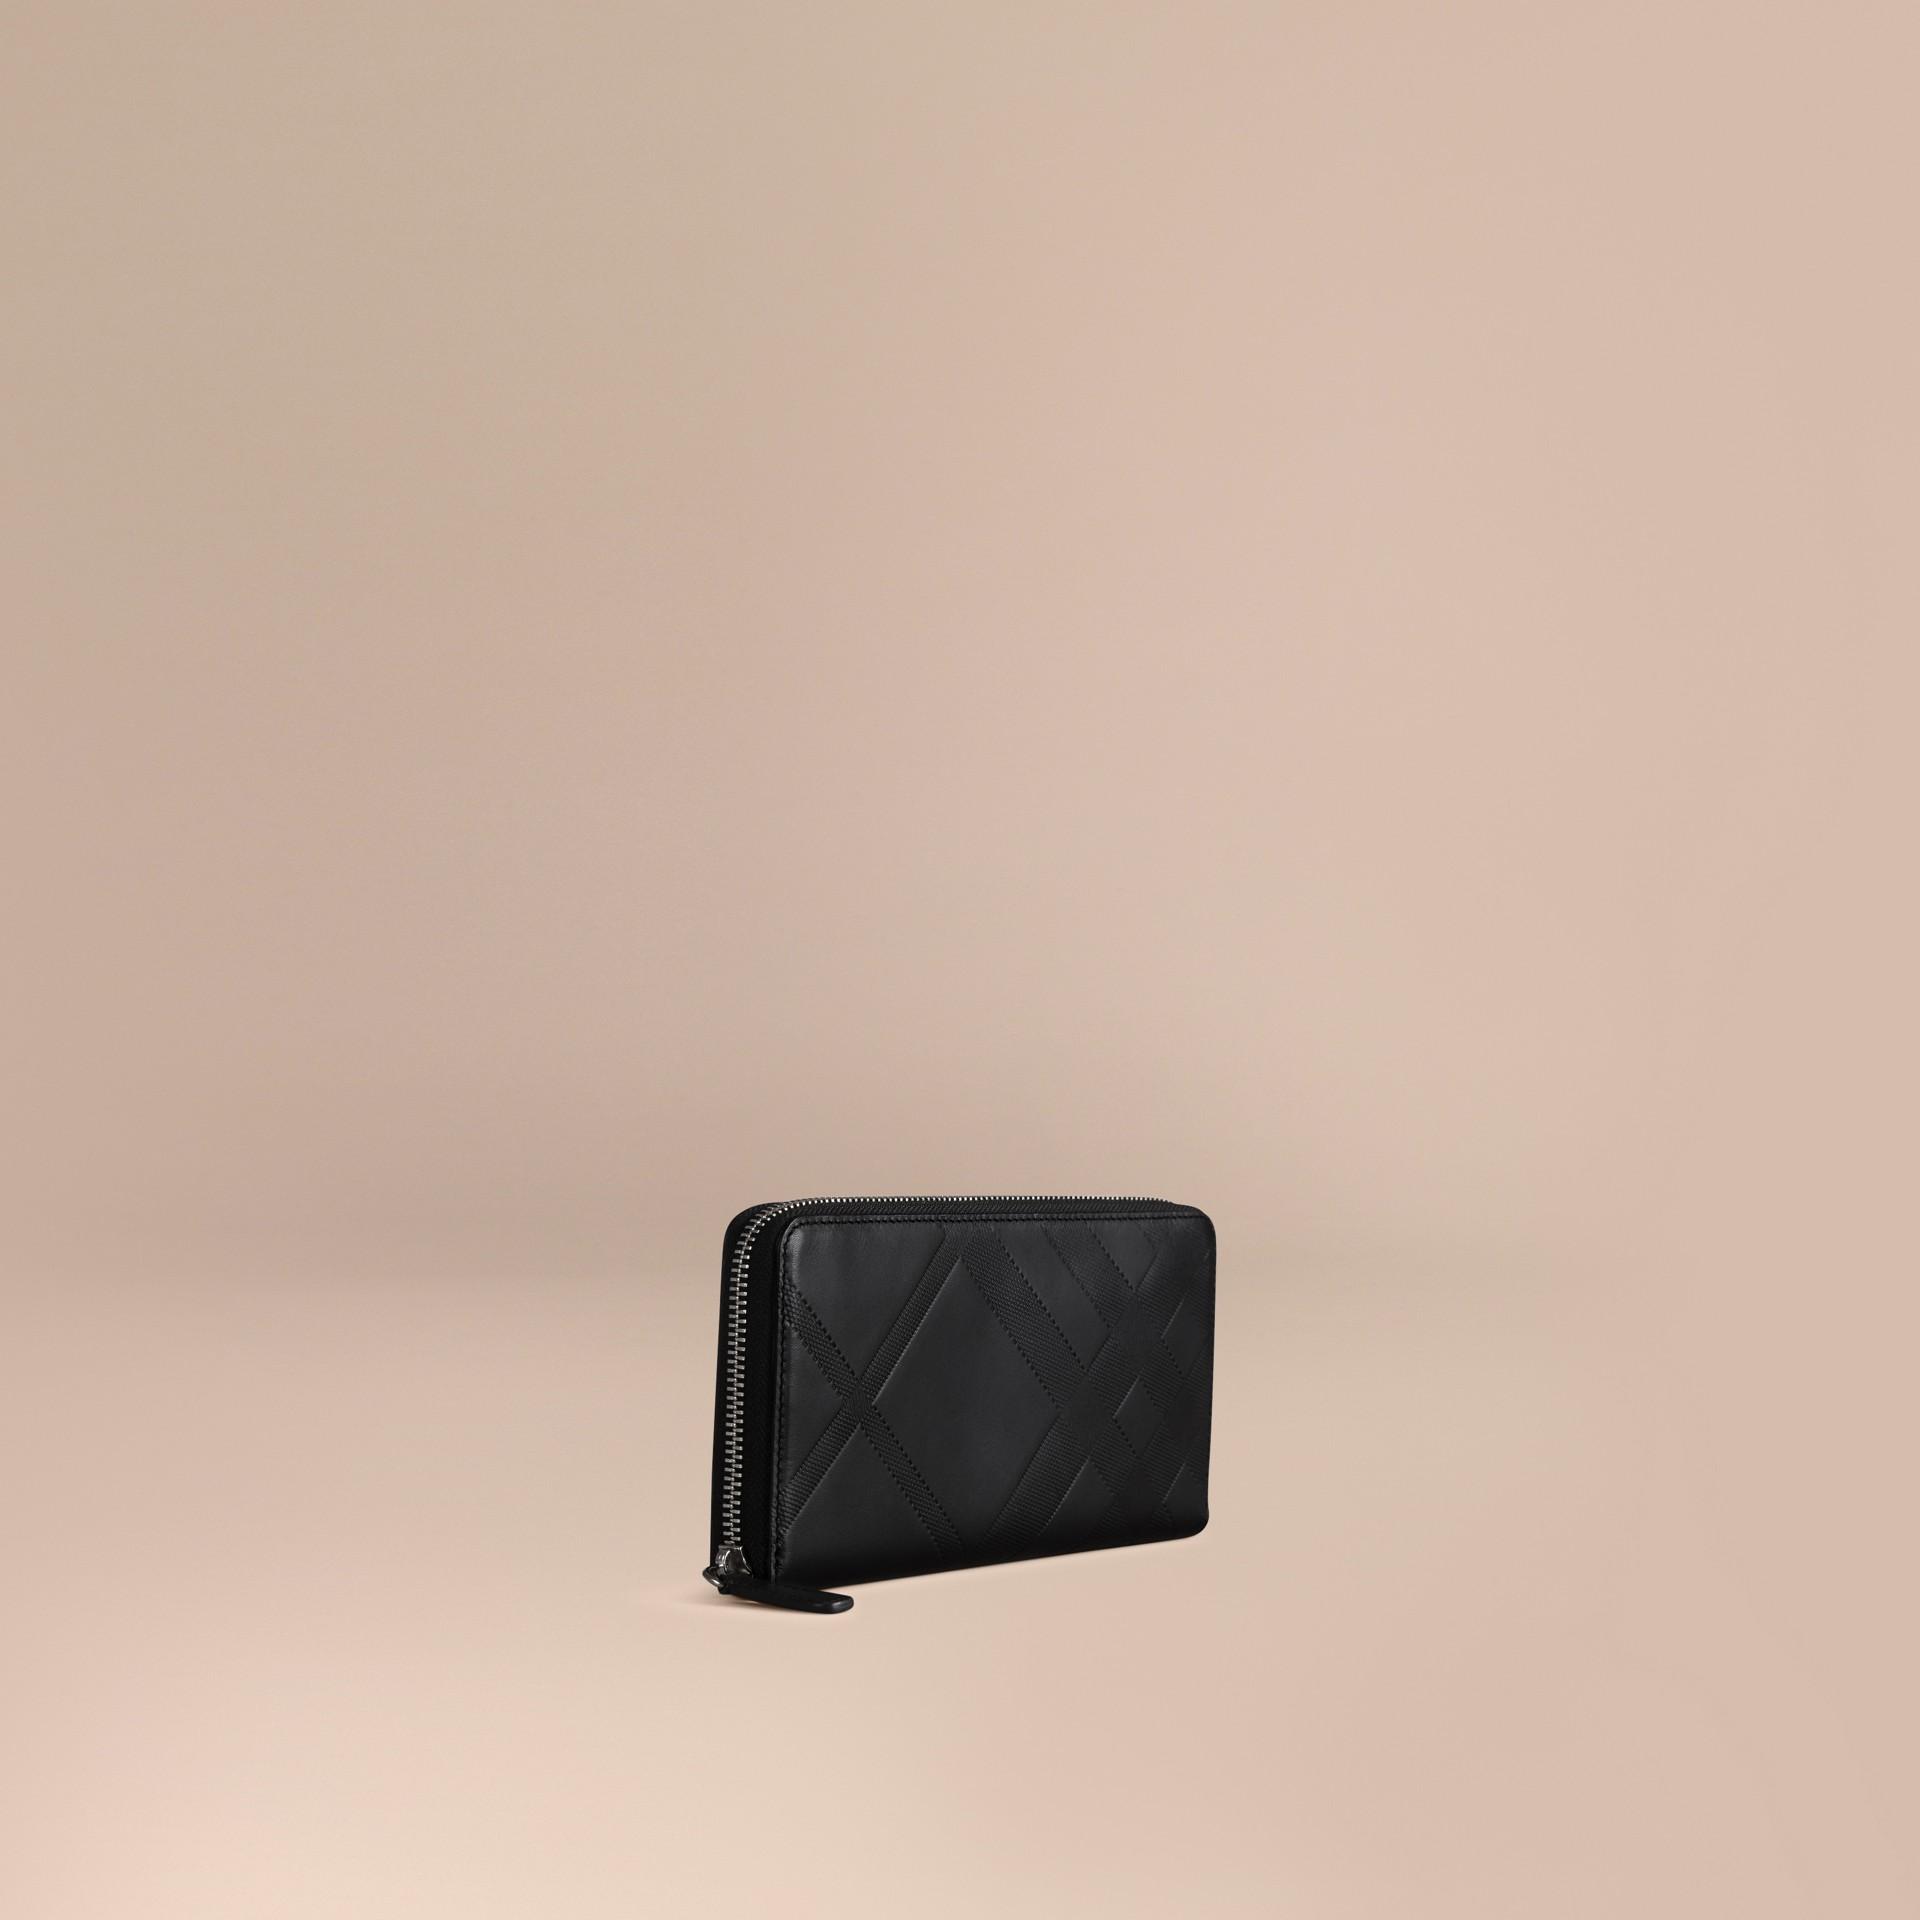 Noir Portefeuille zippé en cuir à motif check estampé Noir - photo de la galerie 1